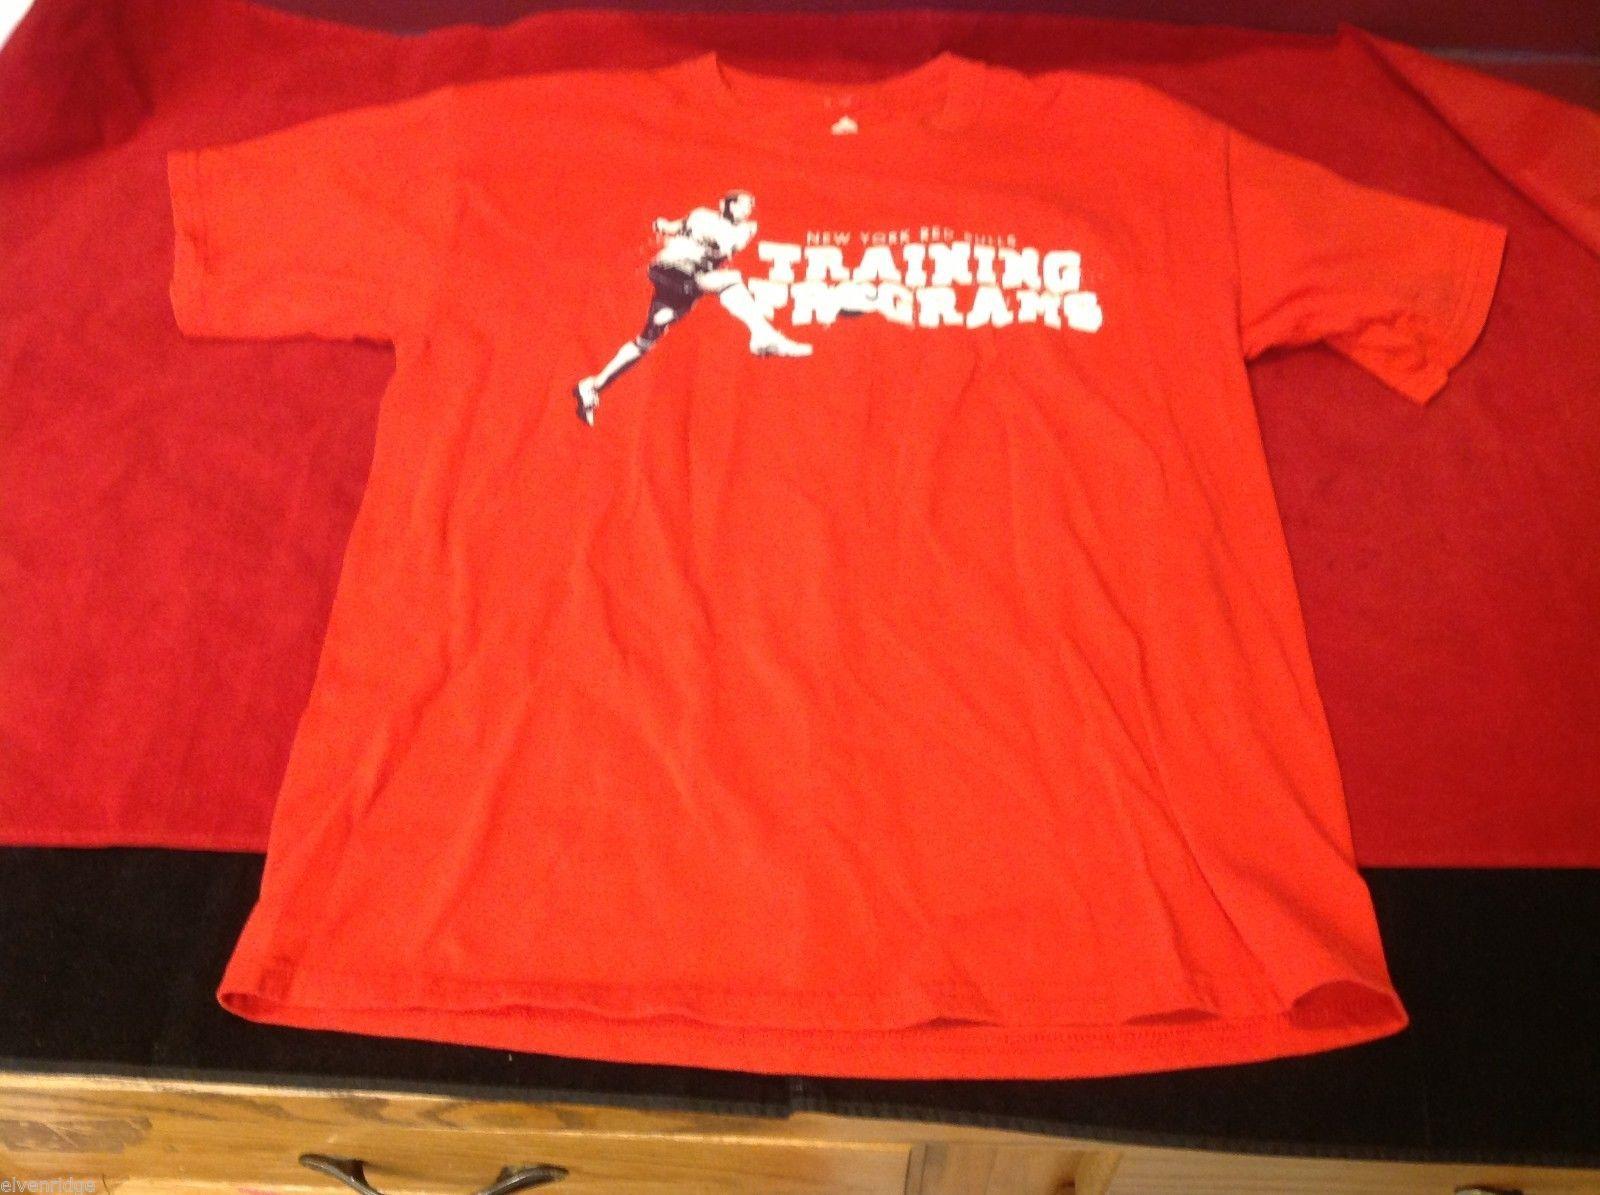 adidas men's t shirt red logo L large soccer red bulls New York signed Tyler